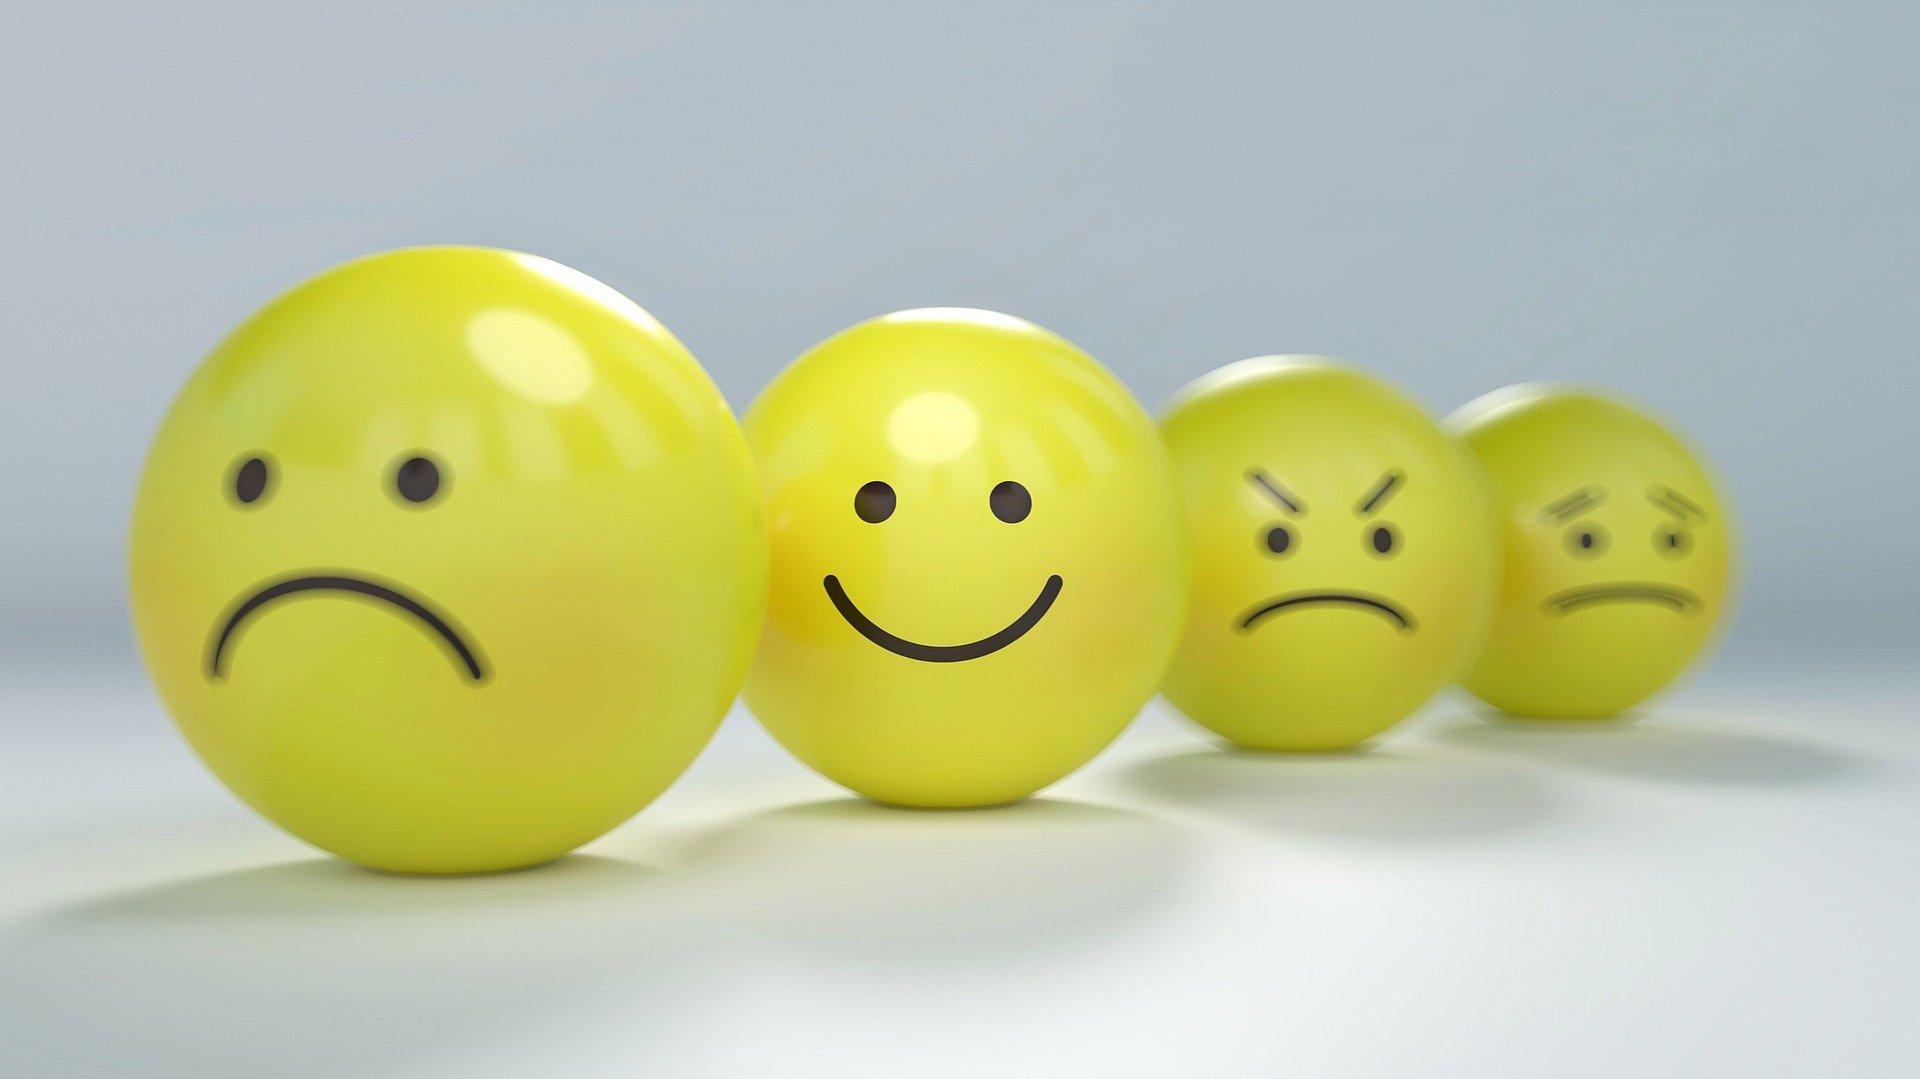 Как неутонуть внегативе: 5 эффективных способов